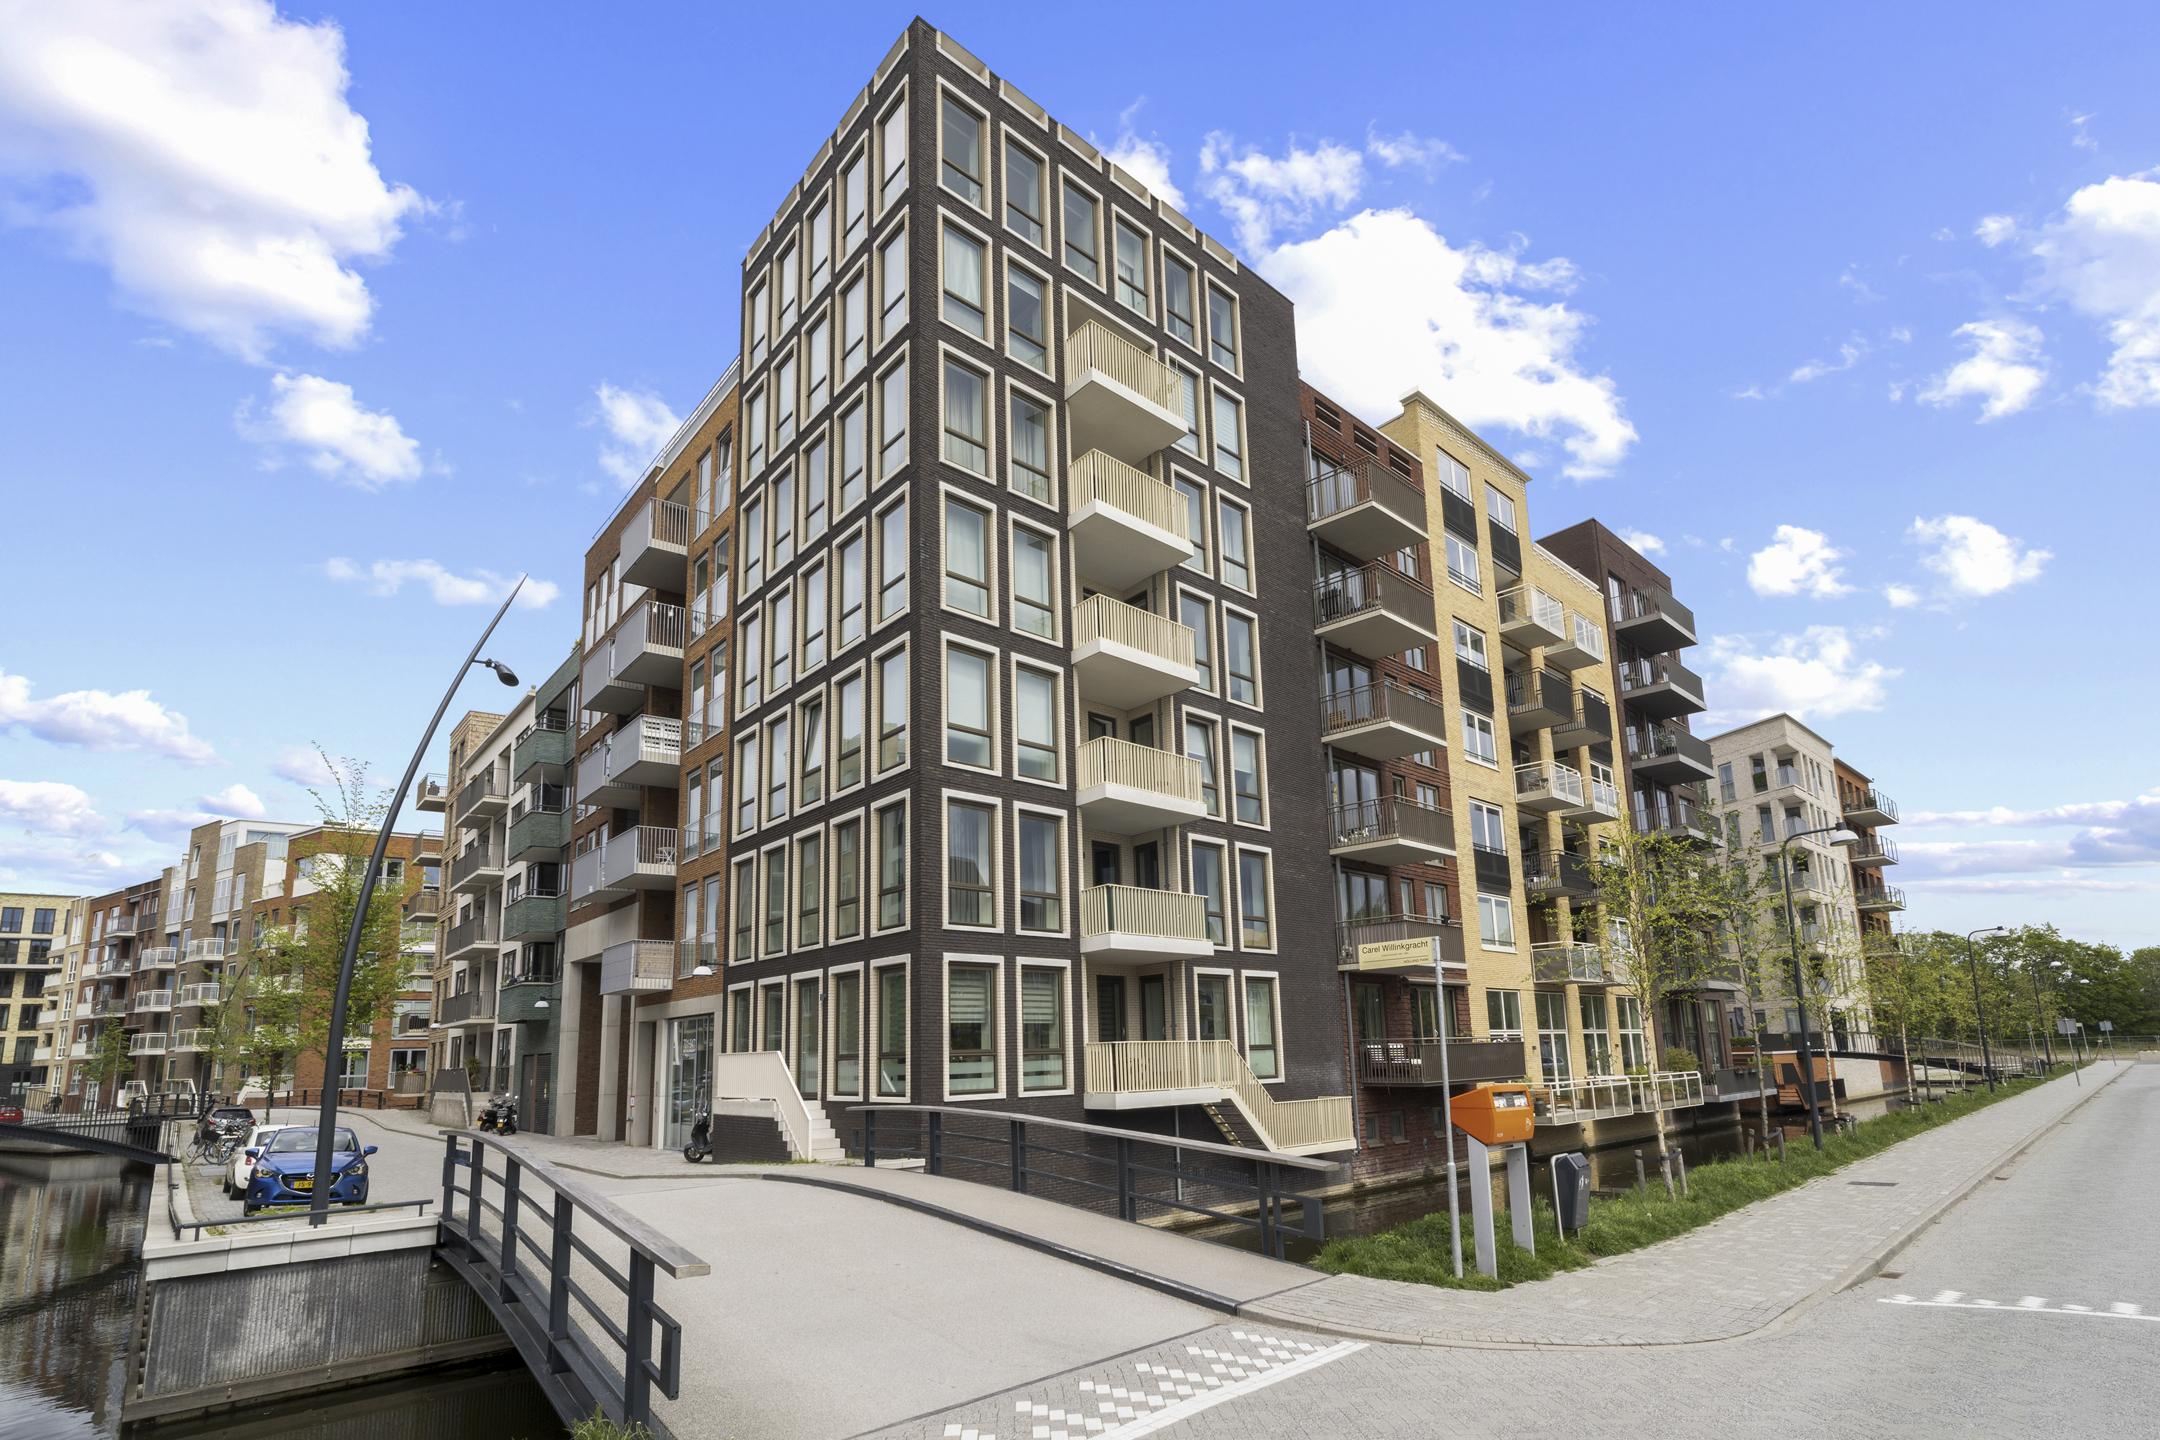 Lunshof makelaars Amstelveen en Amsterdam - Carel Willinkgracht 913  Diemen